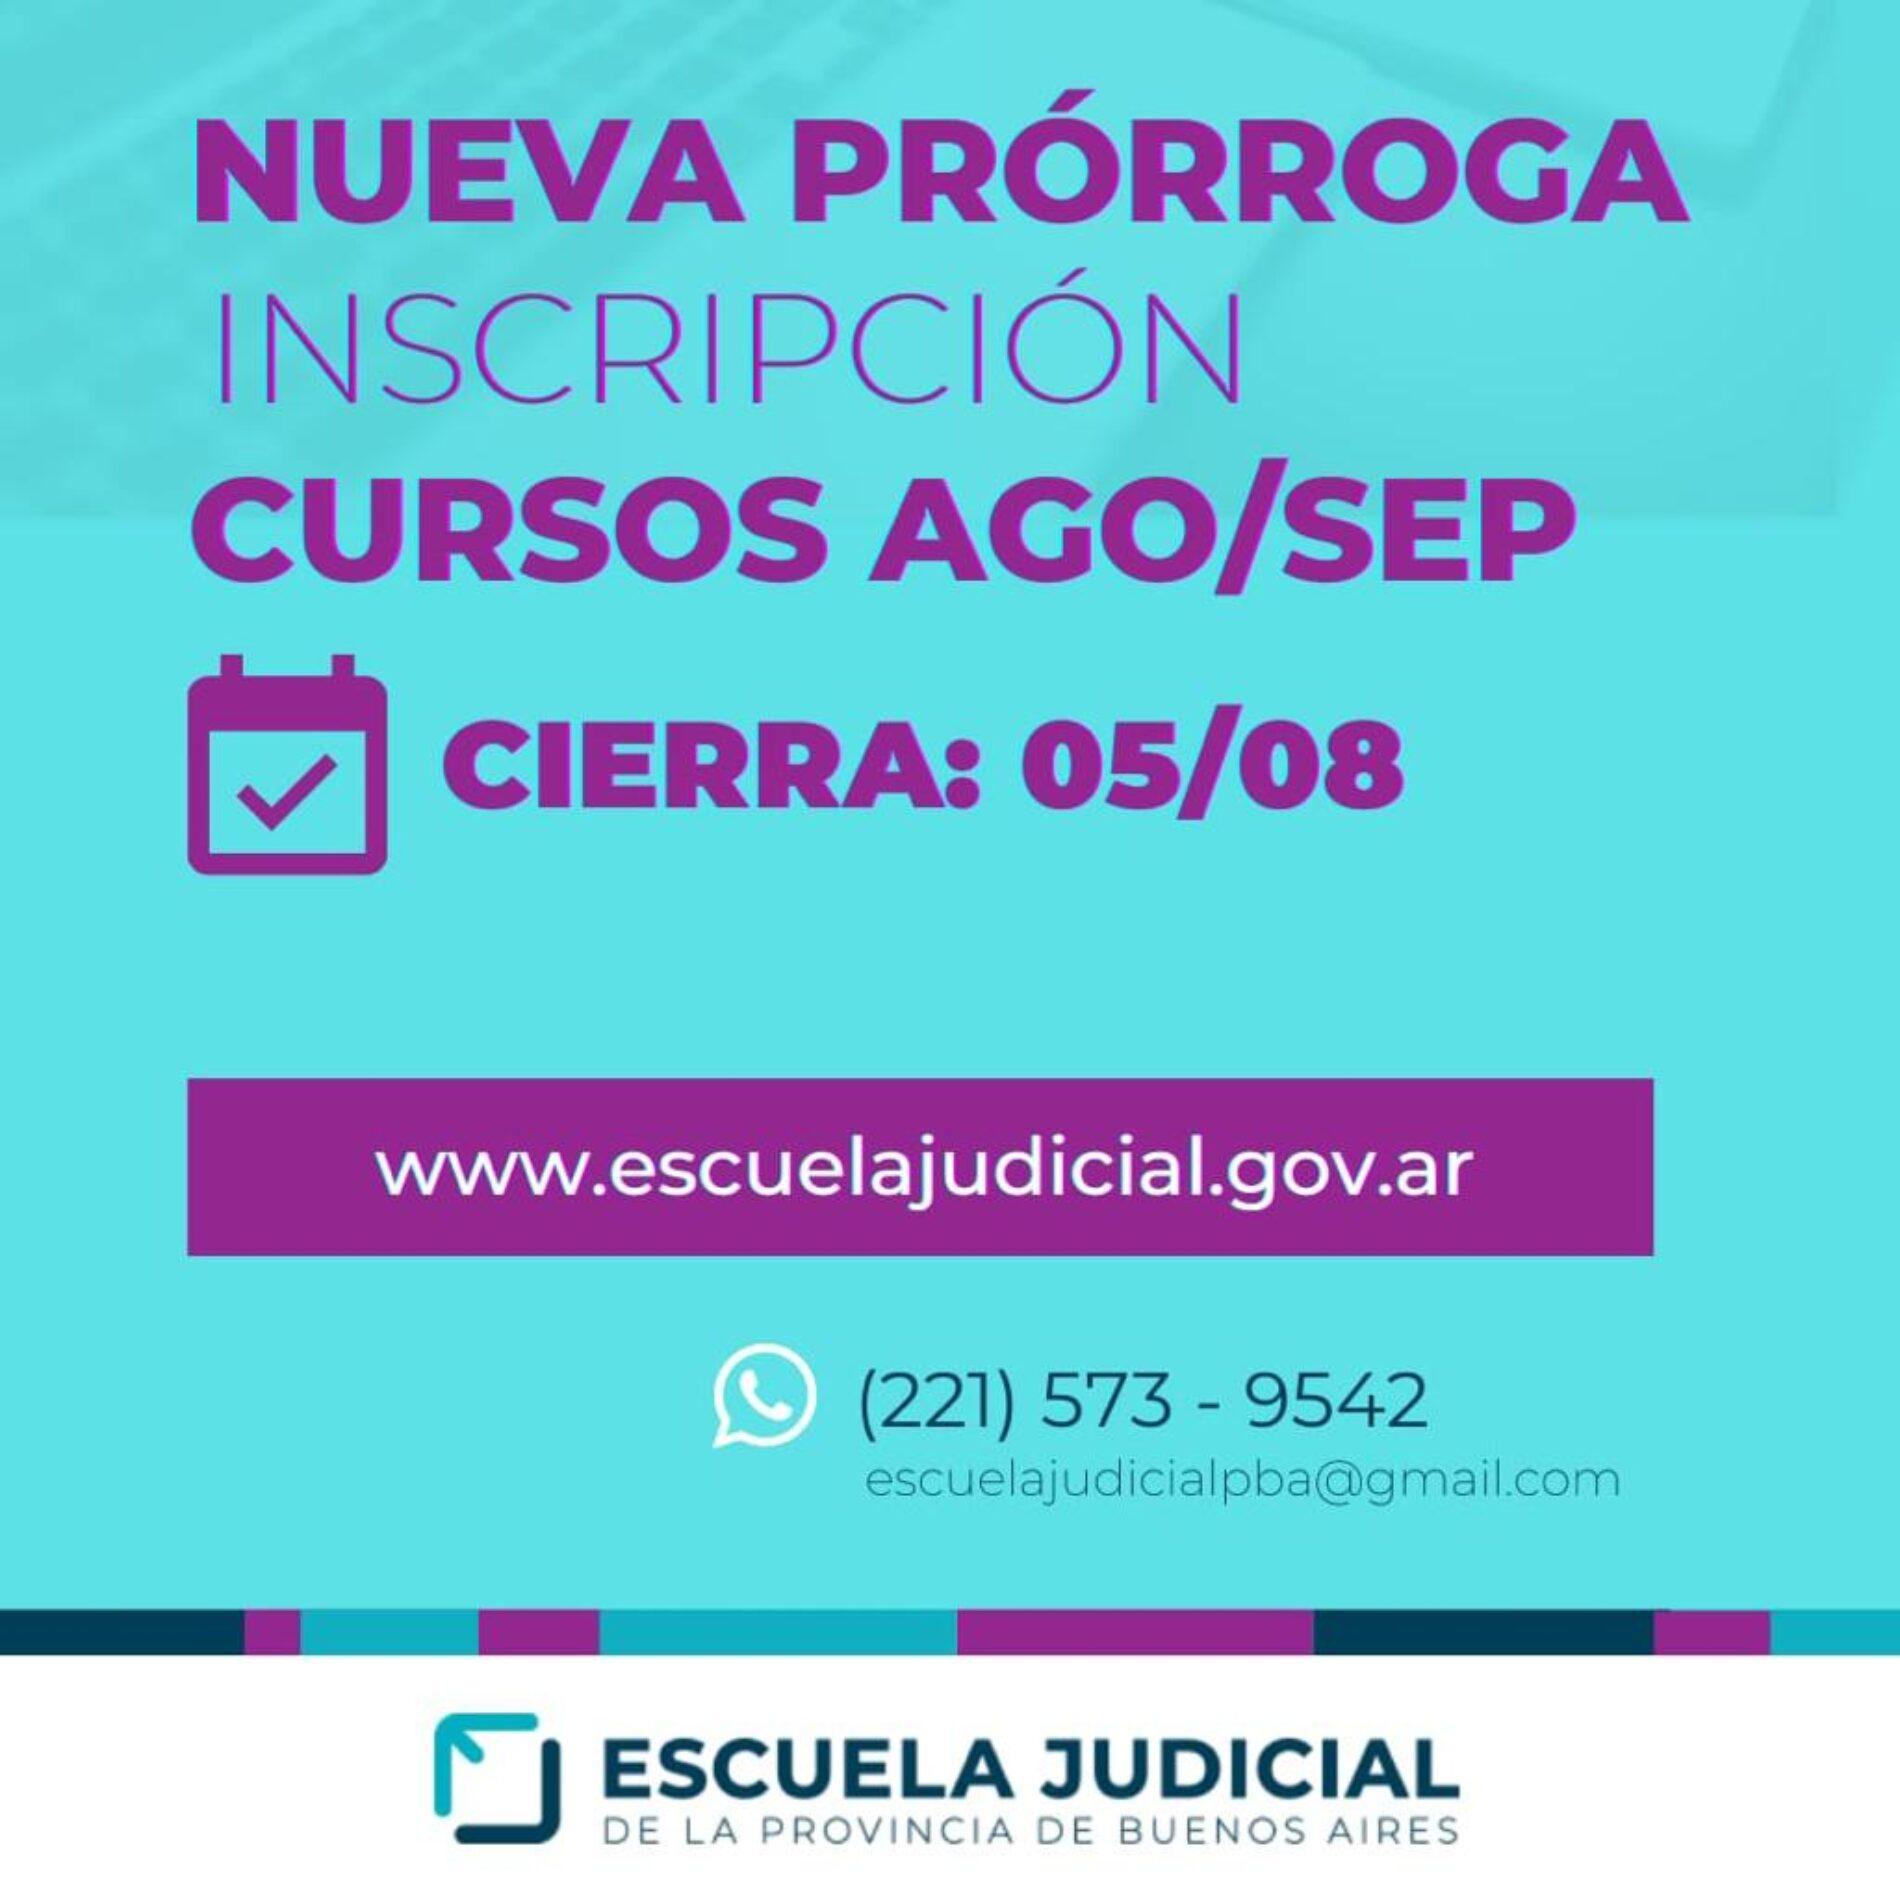 Nueva prórroga del Plazo de Inscripción. Escuela Judicial – Provincia de Buenos Aires.